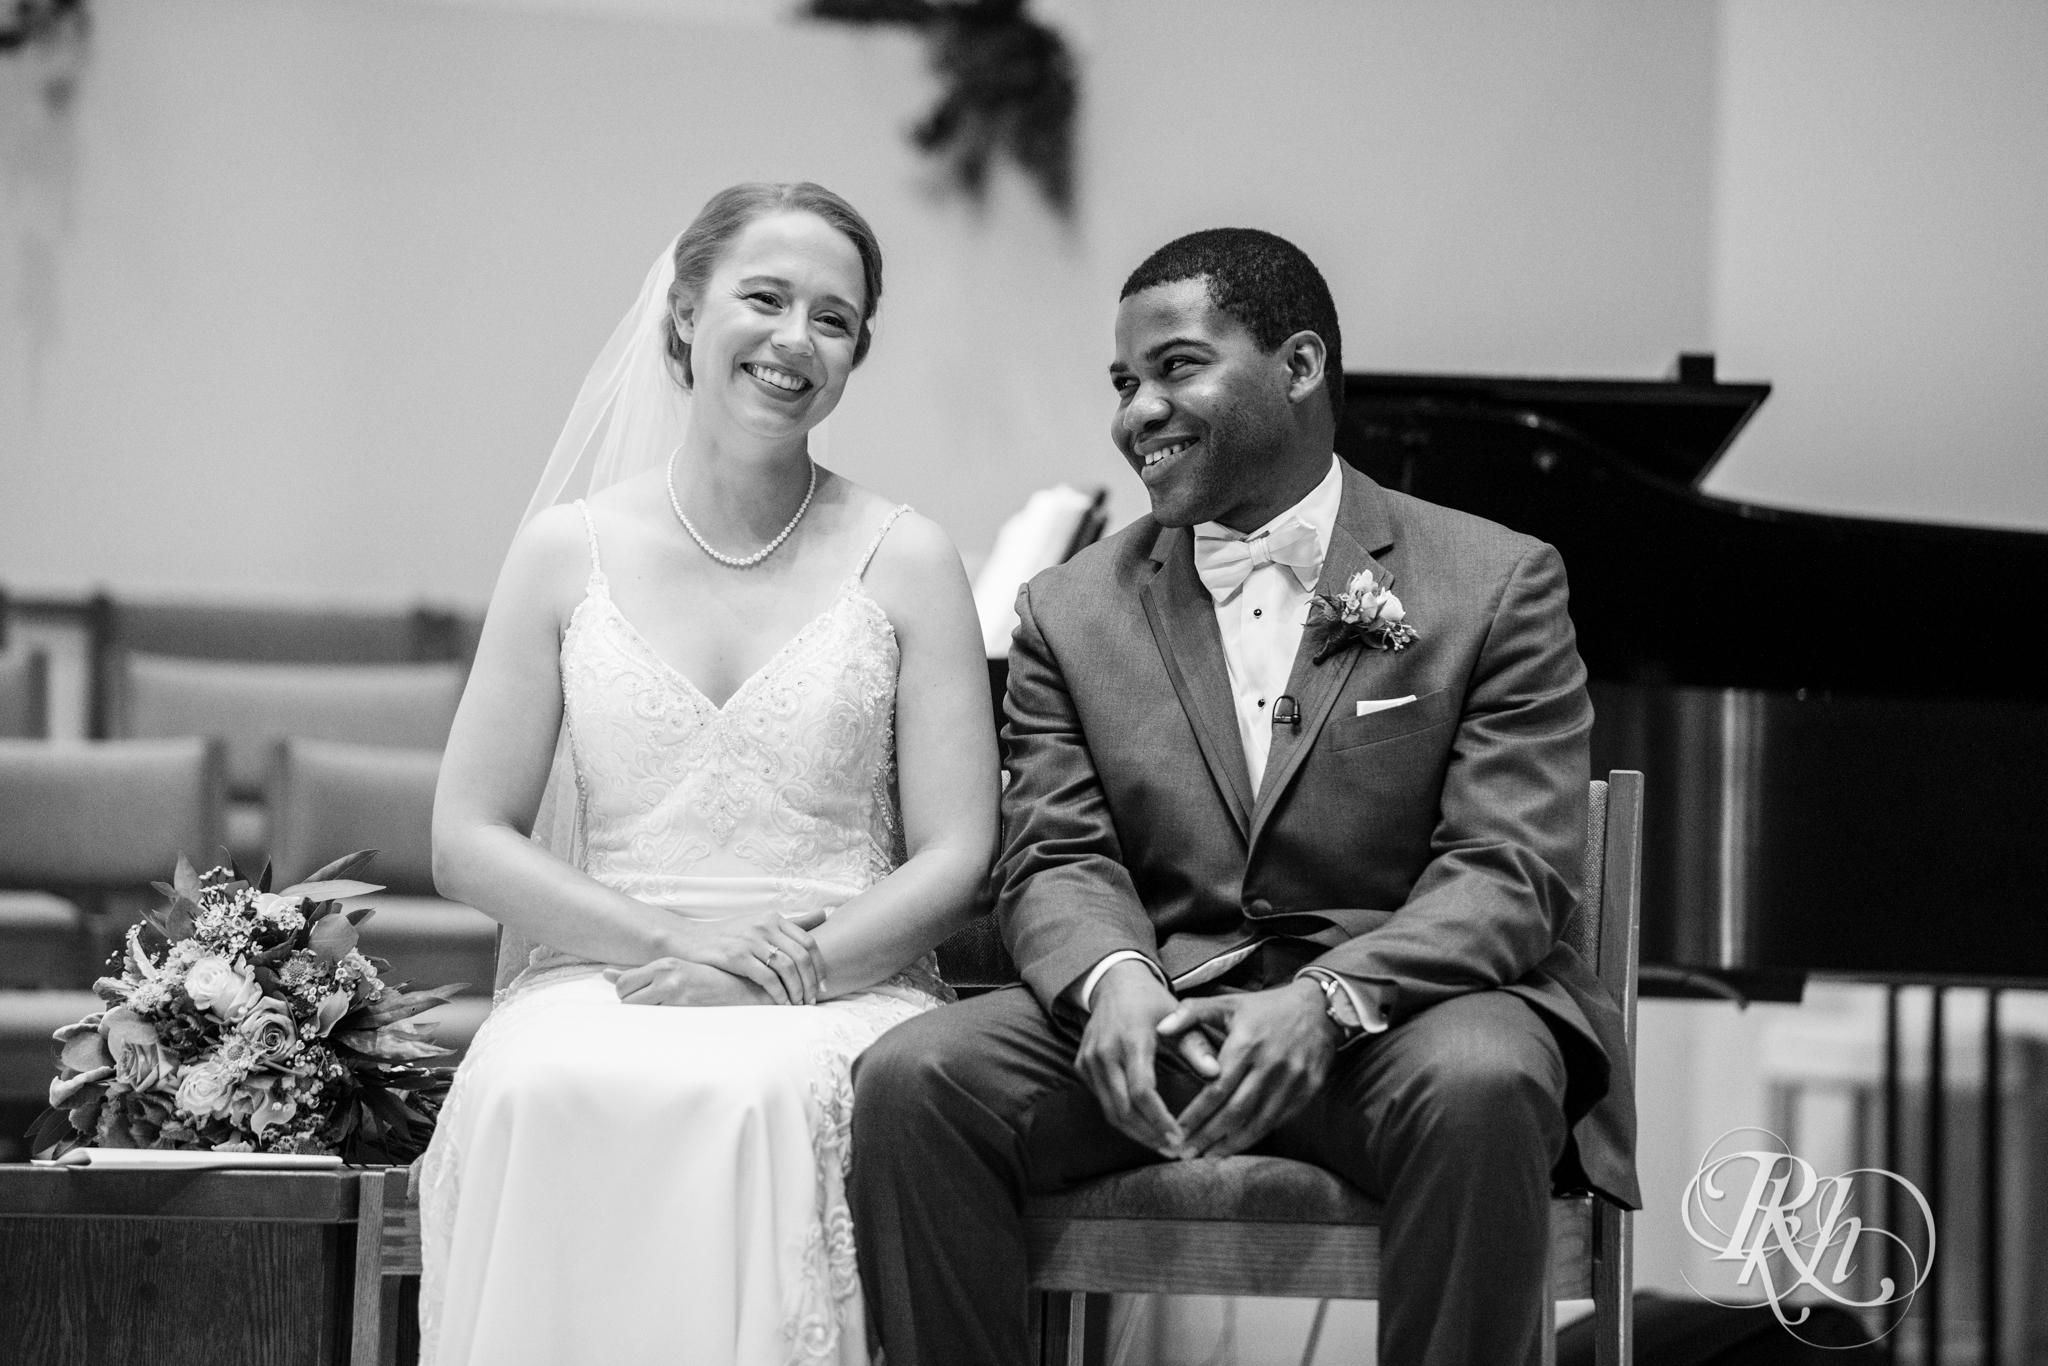 Laura and Adekunle - Minnesota Wedding Photographer - Minnesota History Center - RKH Images - Blog (16 of 75).jpg